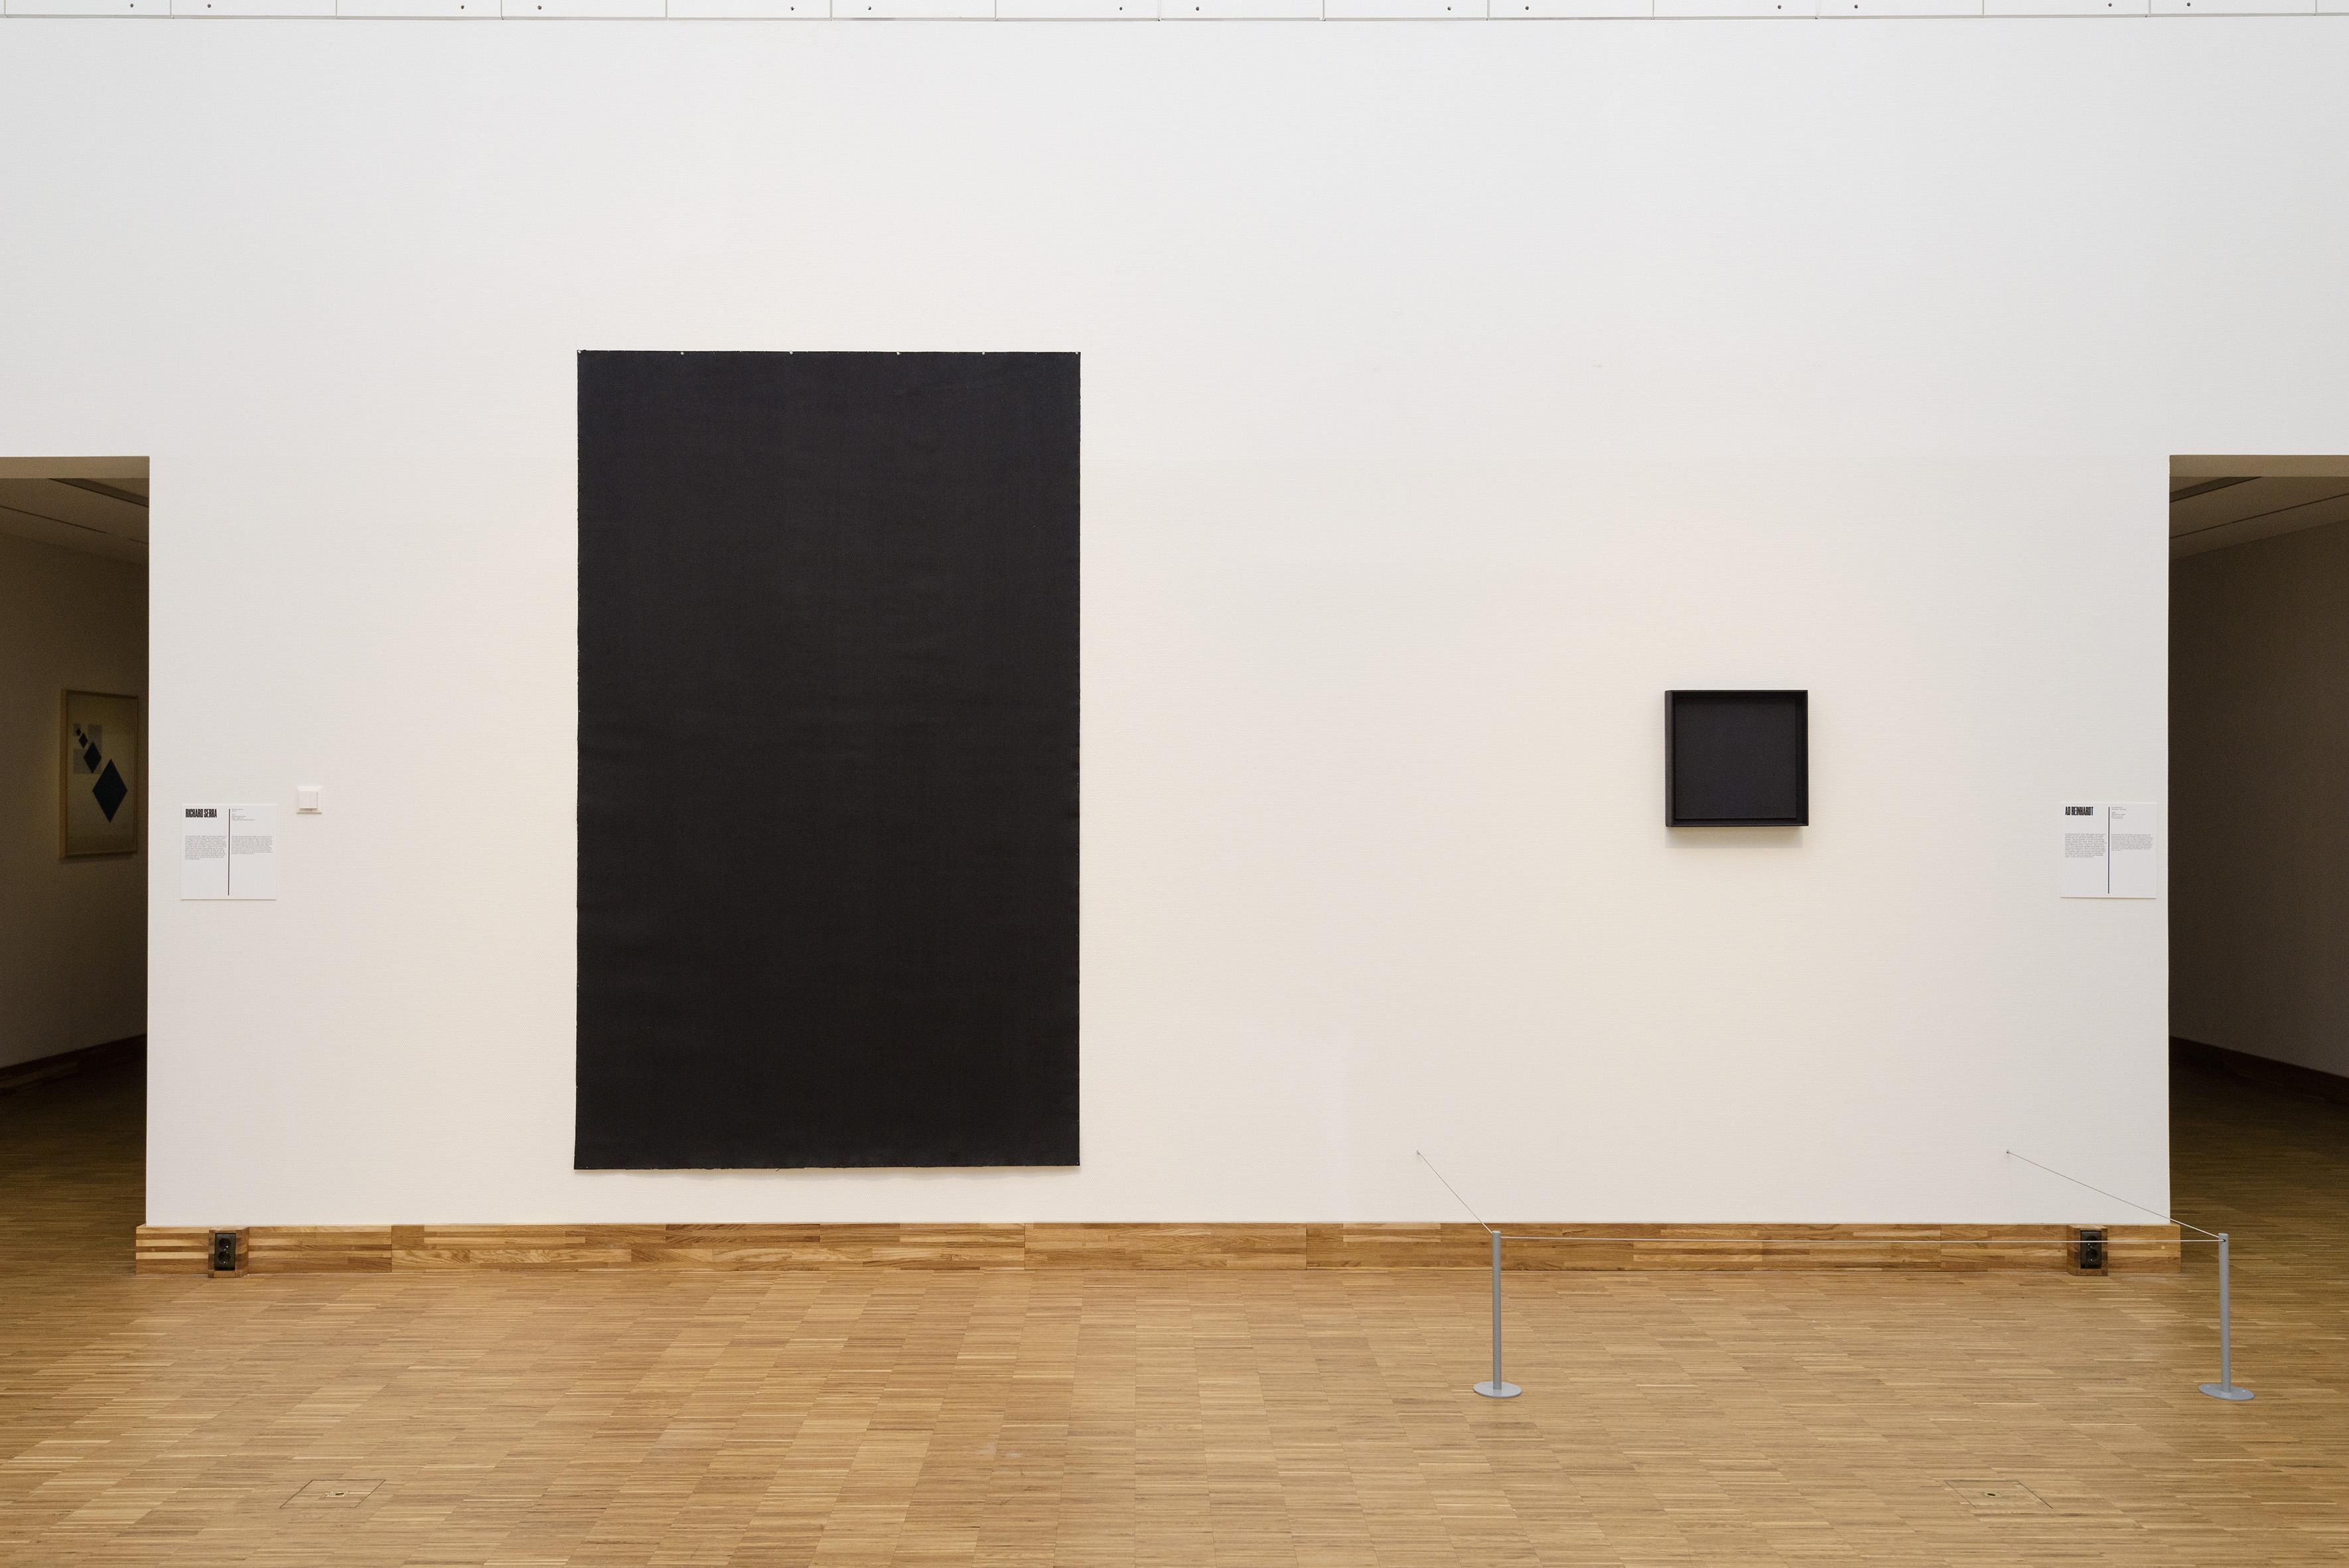 Zaaloverzicht De kleuren van De Stijl met Richard Serra en Ad Reinhardt